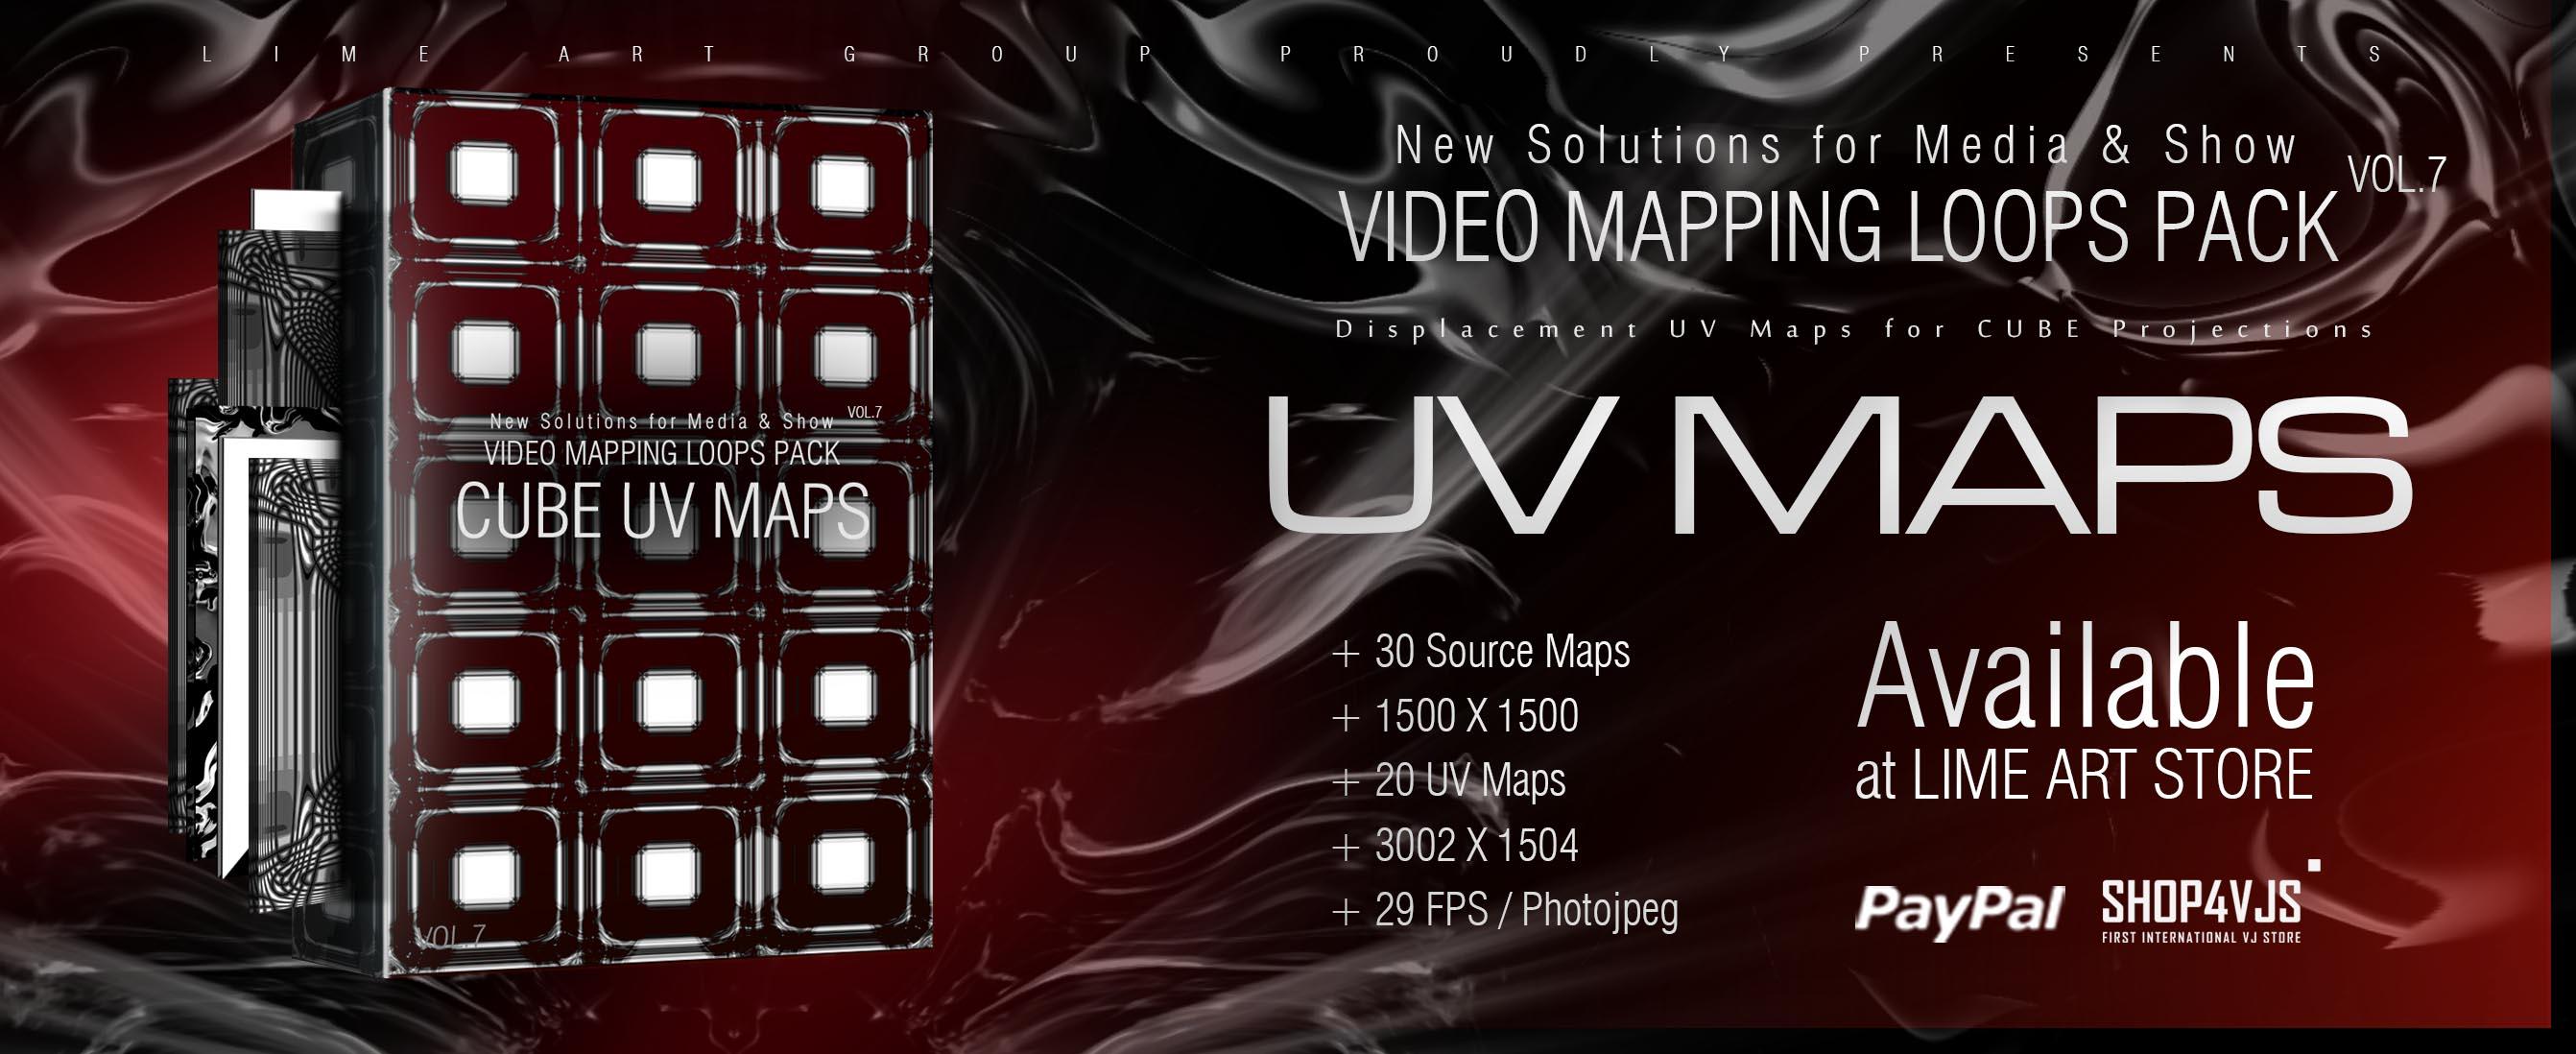 UV MAPP Promo